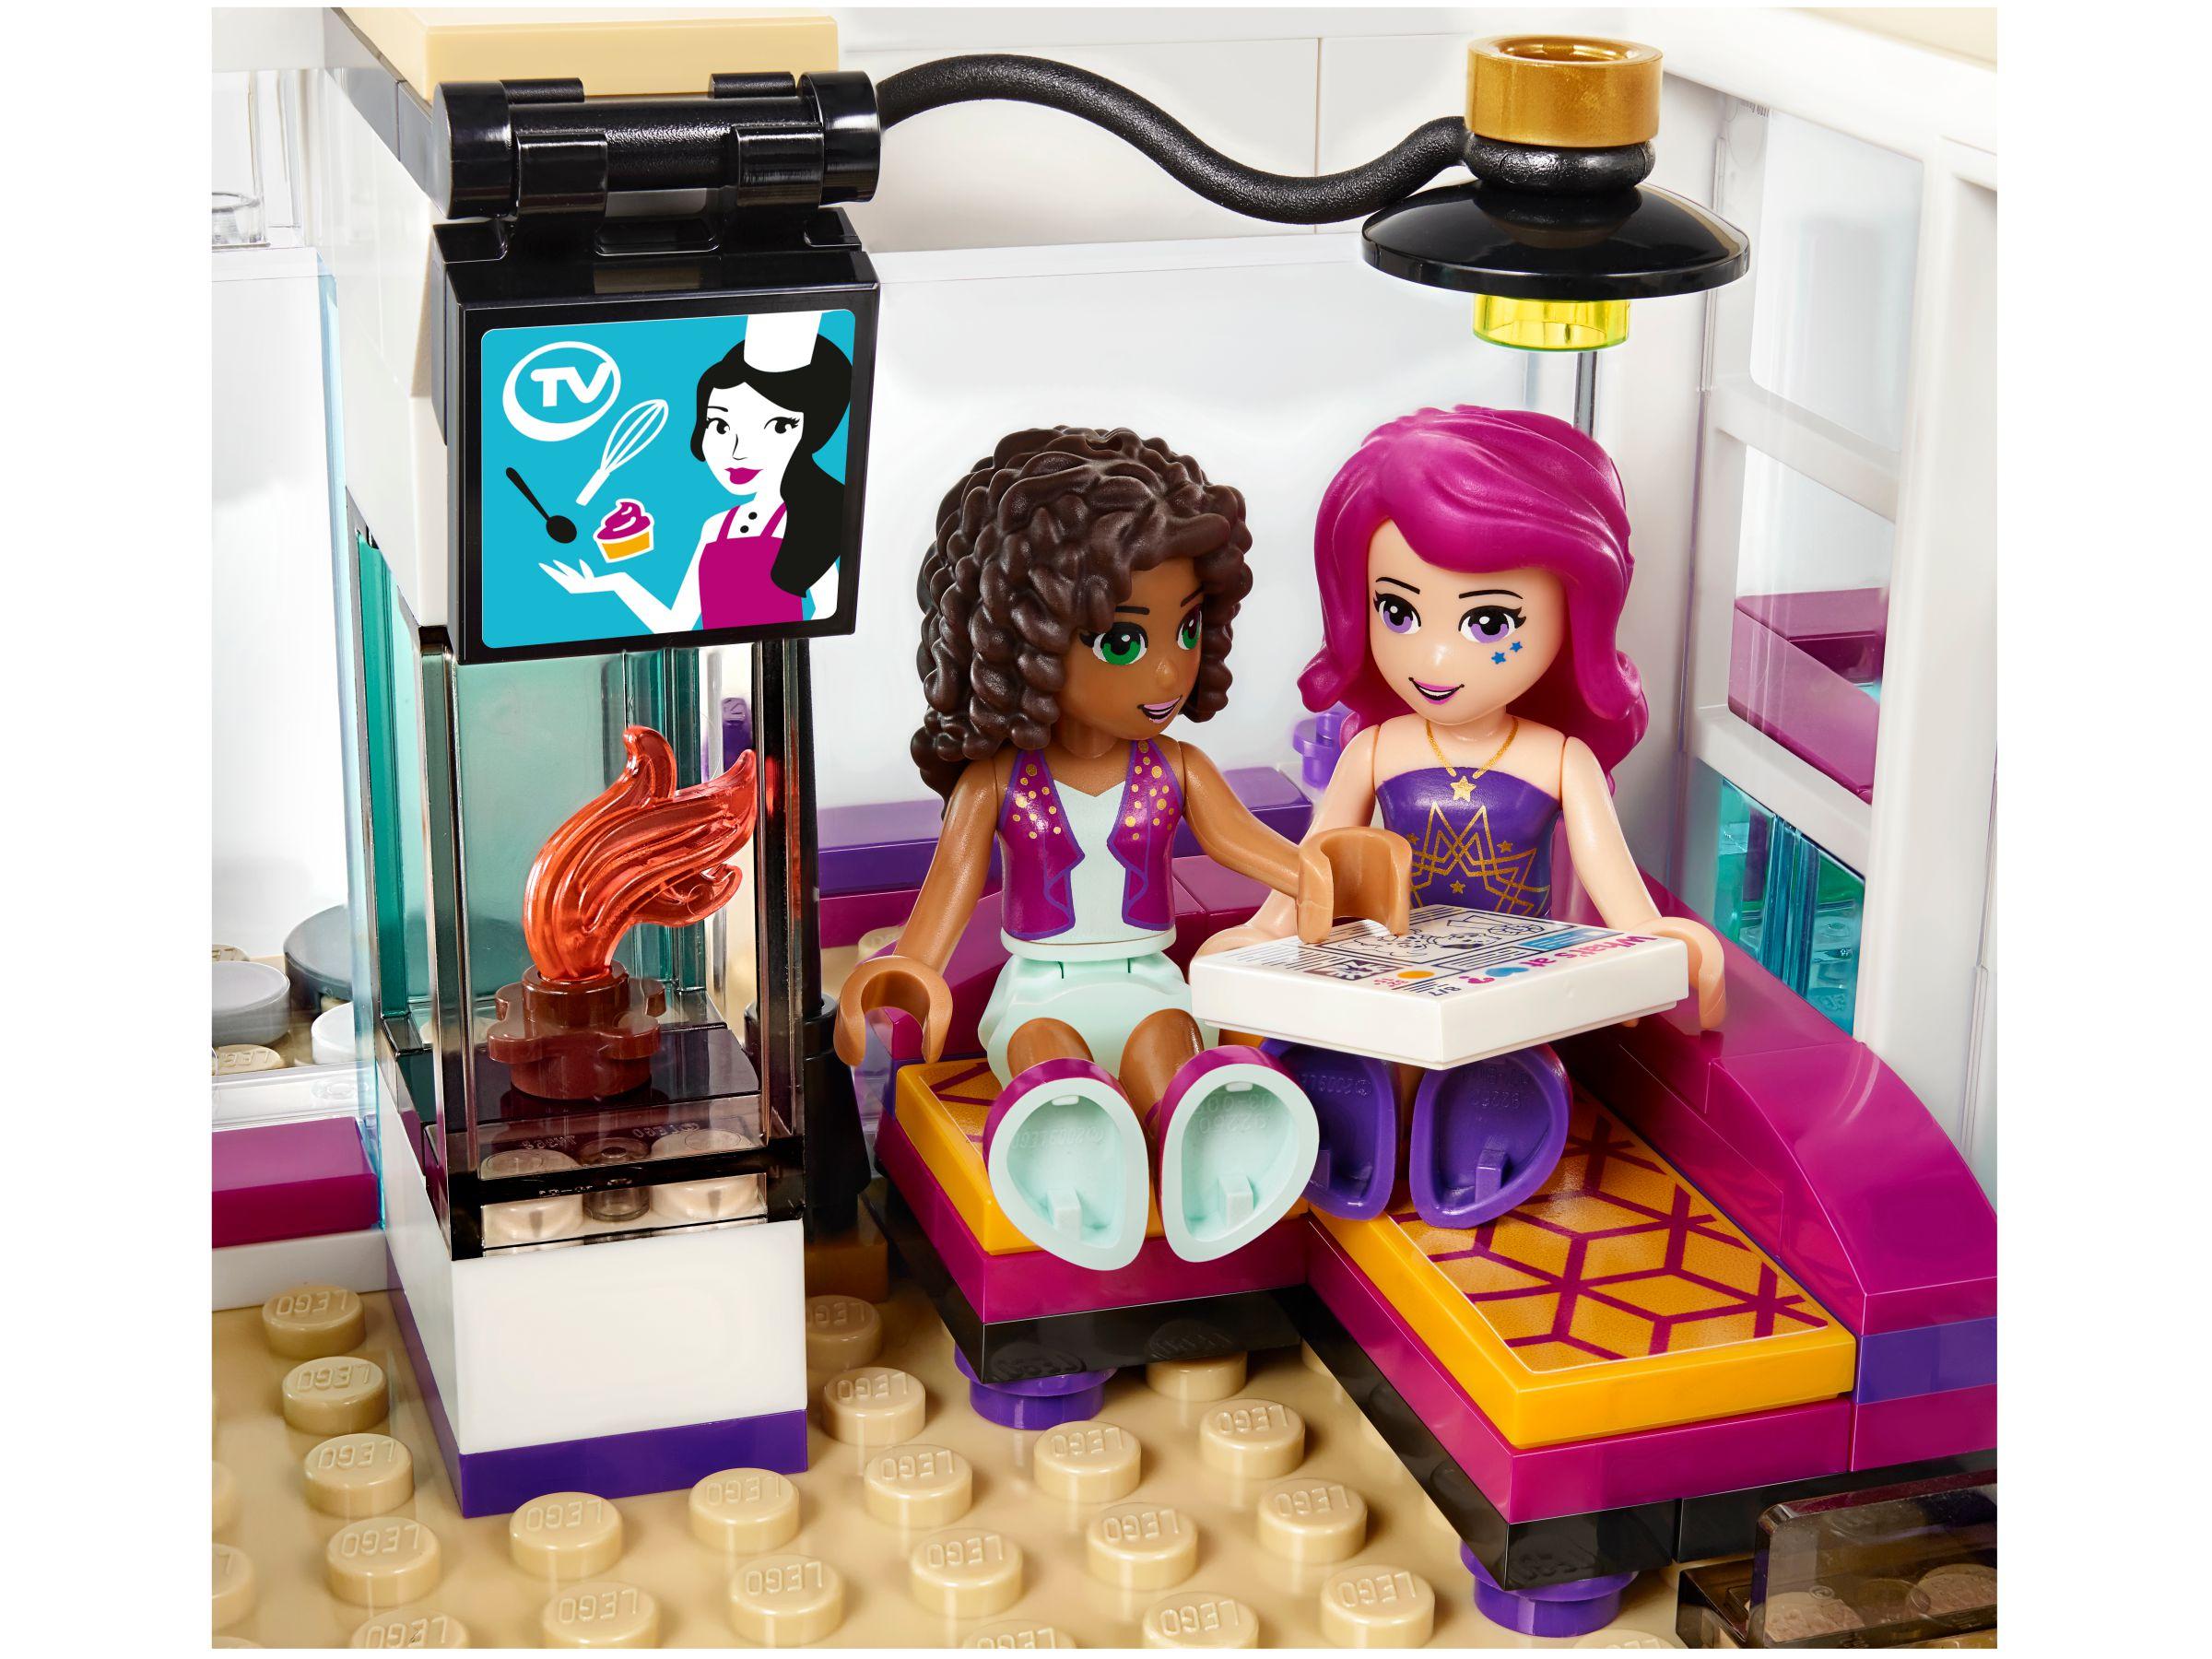 livis popstar villa 41135 lego friends 2016 im. Black Bedroom Furniture Sets. Home Design Ideas